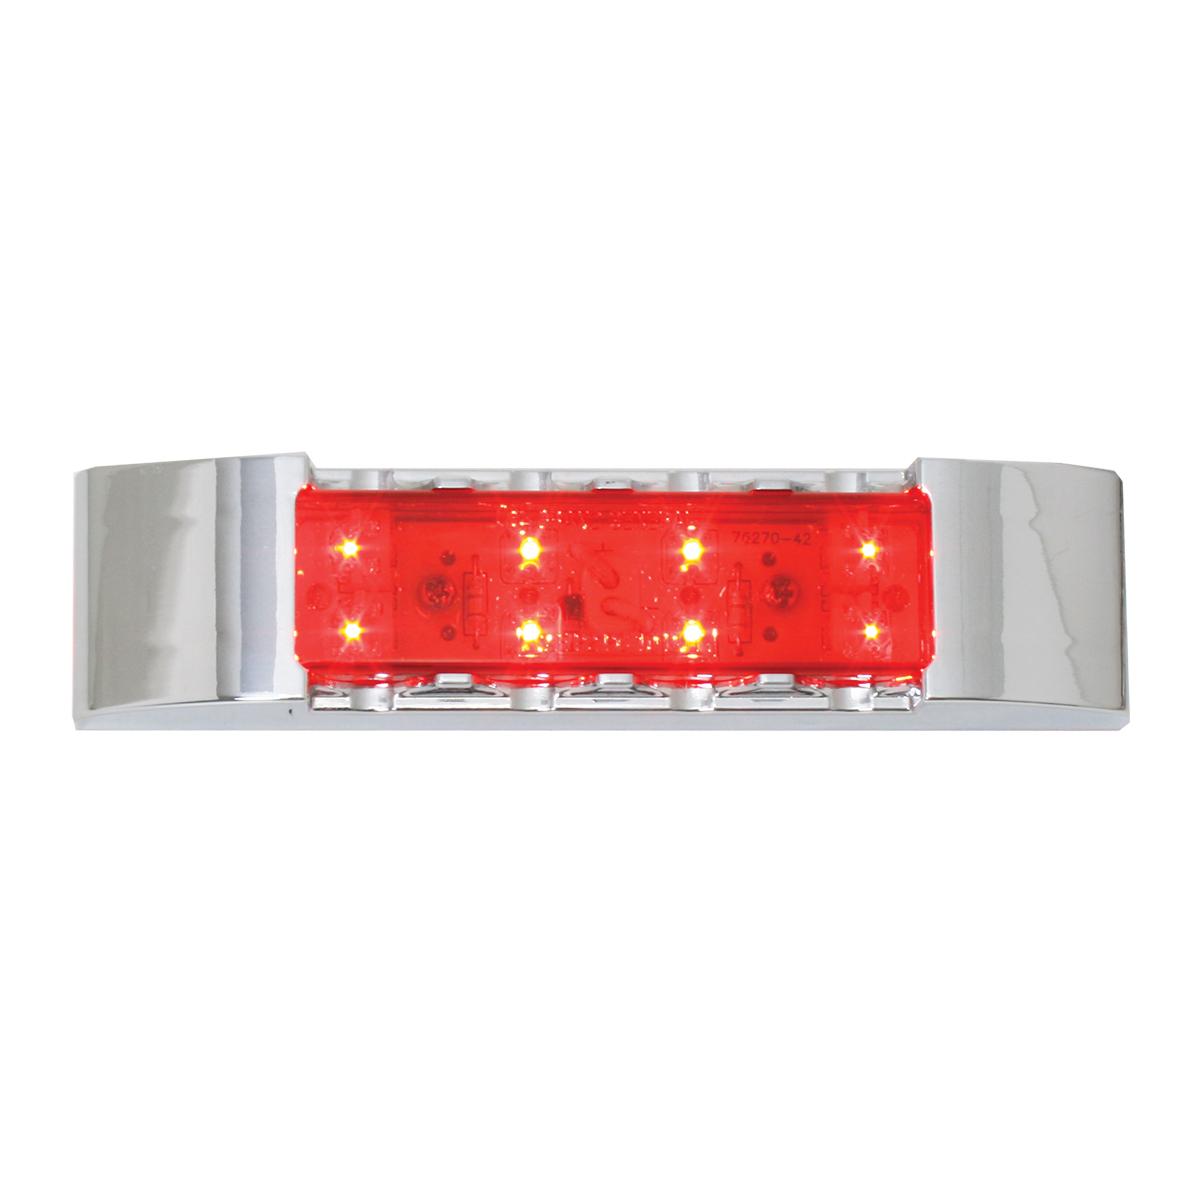 76182 Rectangular Wide Angle LED Light w/ Chrome Plastic Bezel